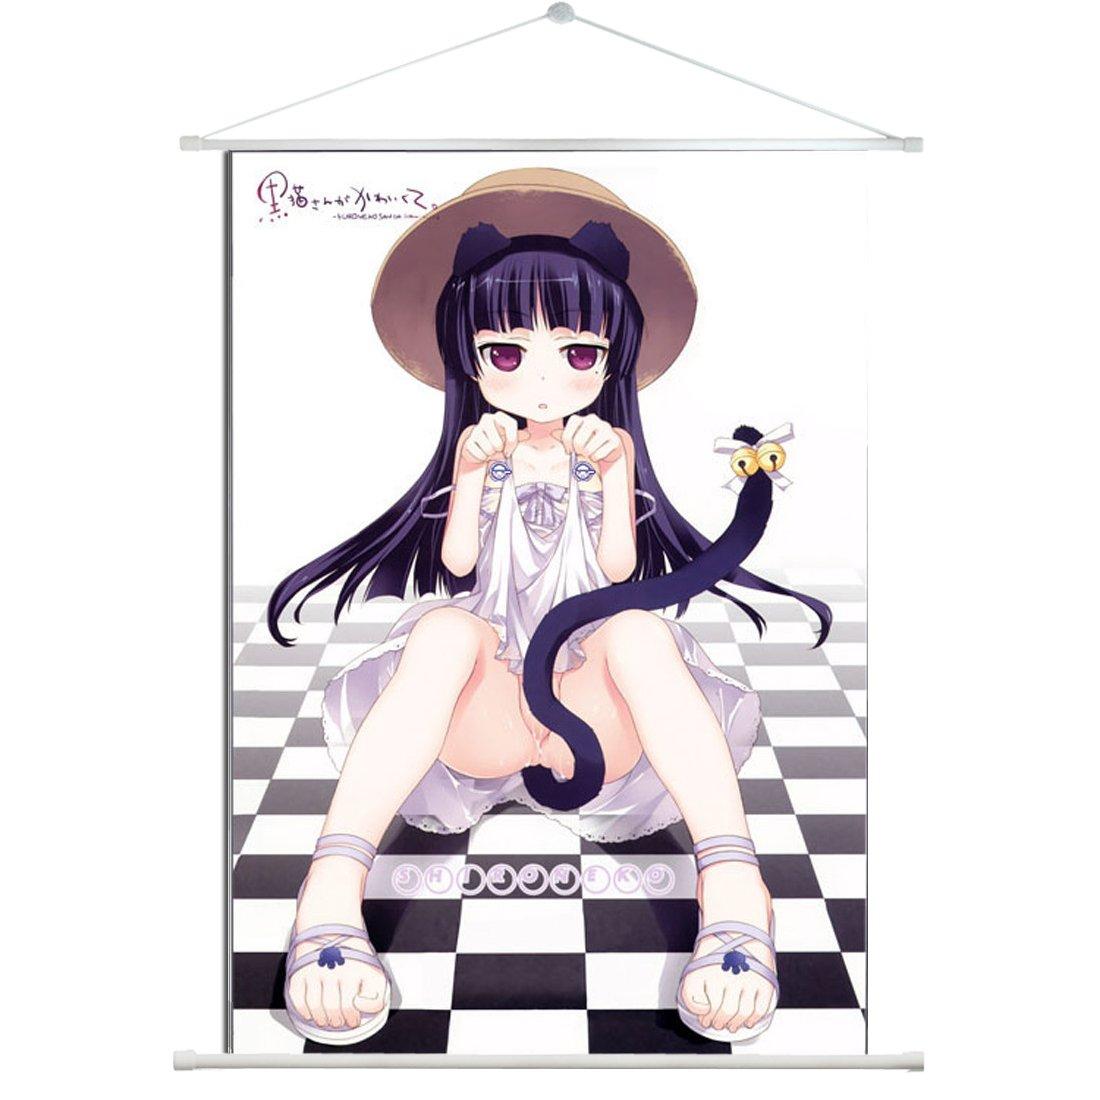 漫萌领域 动漫人物 我的妹妹哪有这么可爱-黑猫(gokou